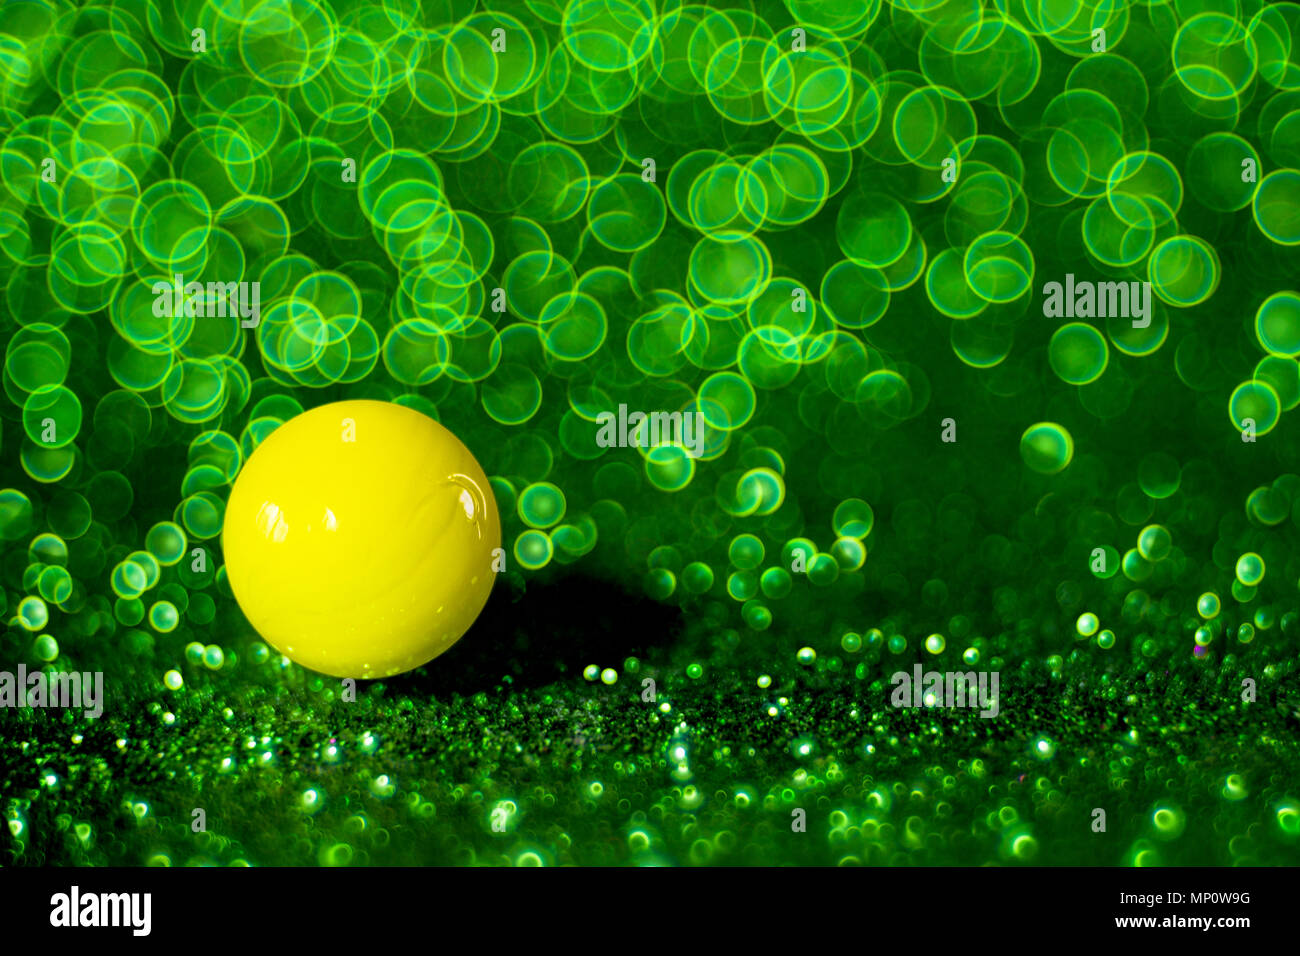 Vivida sfera gialla con un vivace verde sfondo bokeh di fondo. Immagini Stock